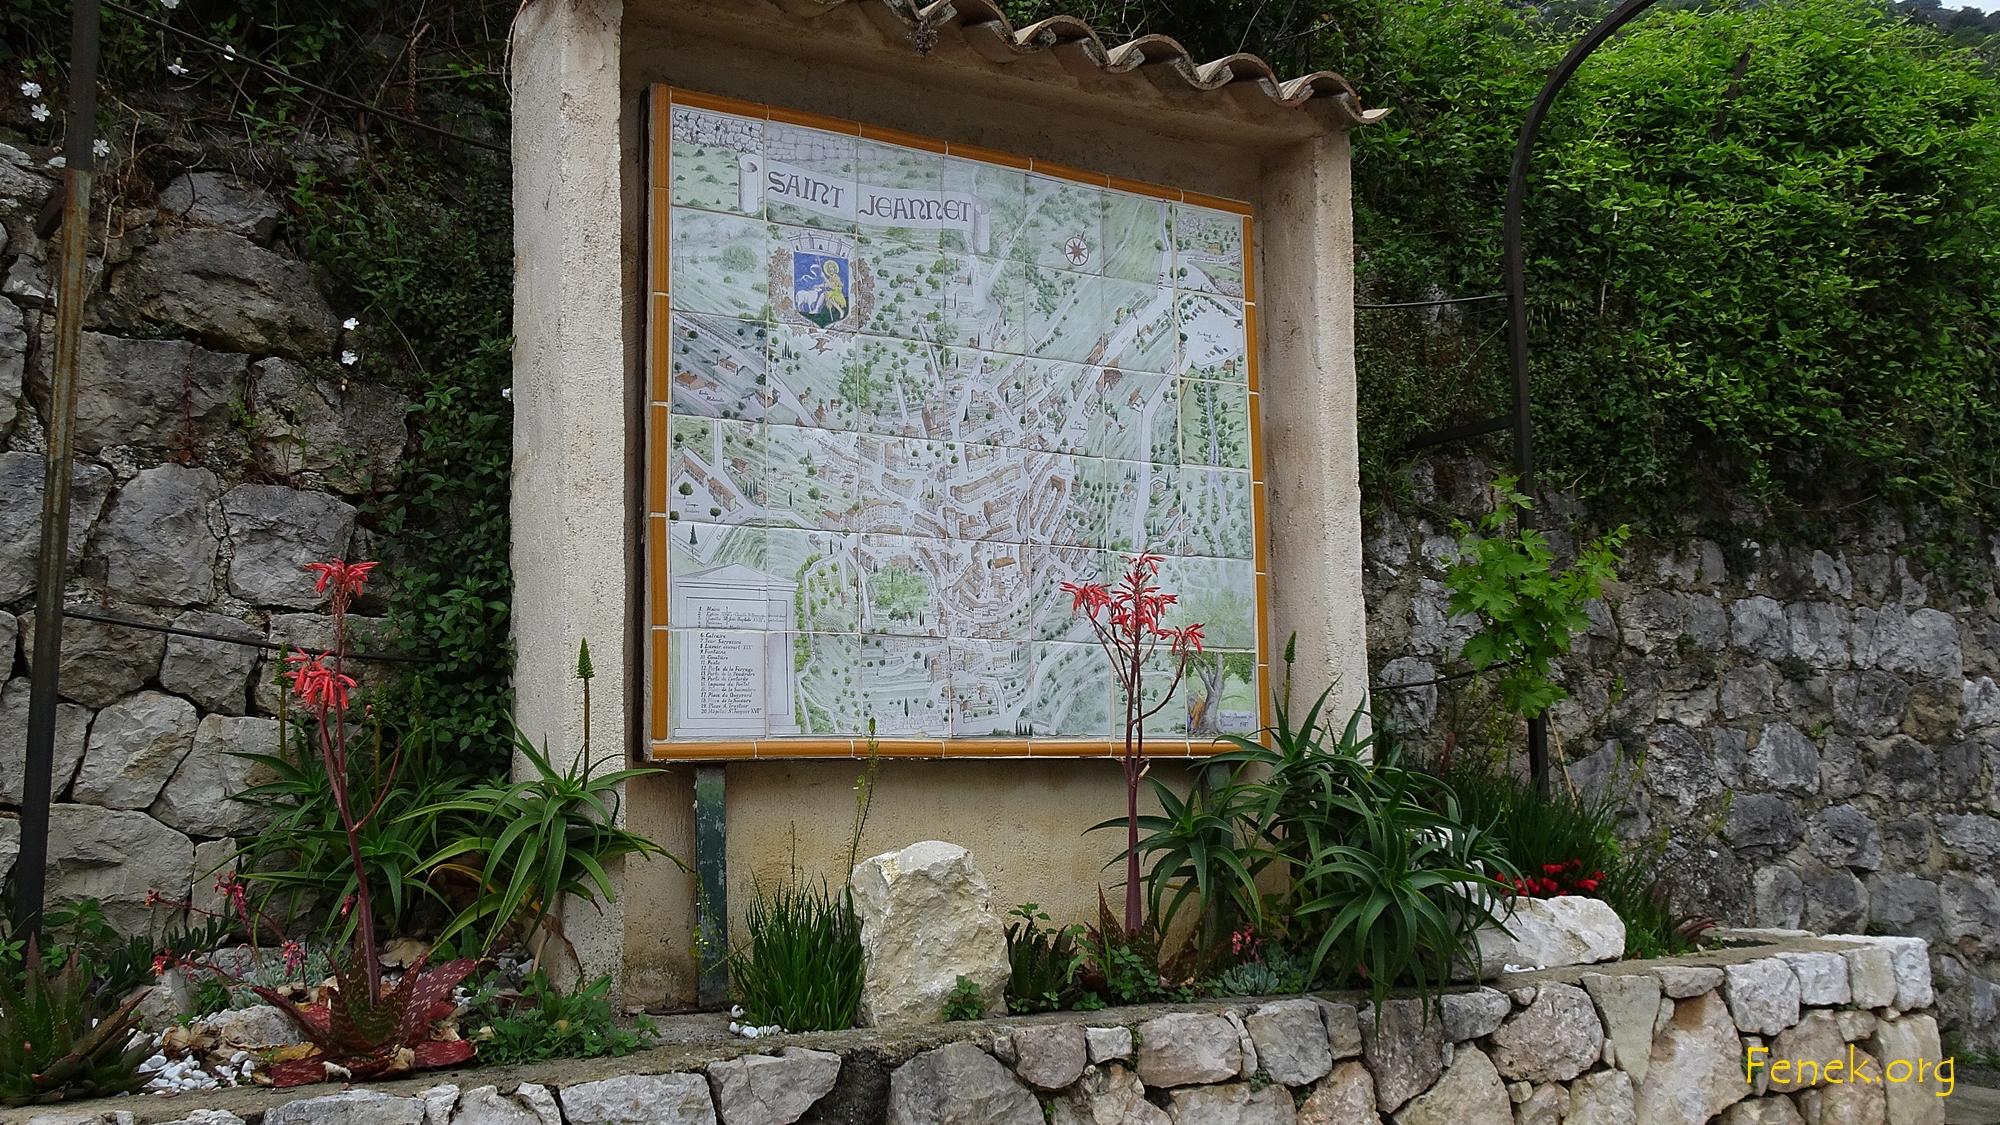 Eingang Dorf dieses schöne Gemälde